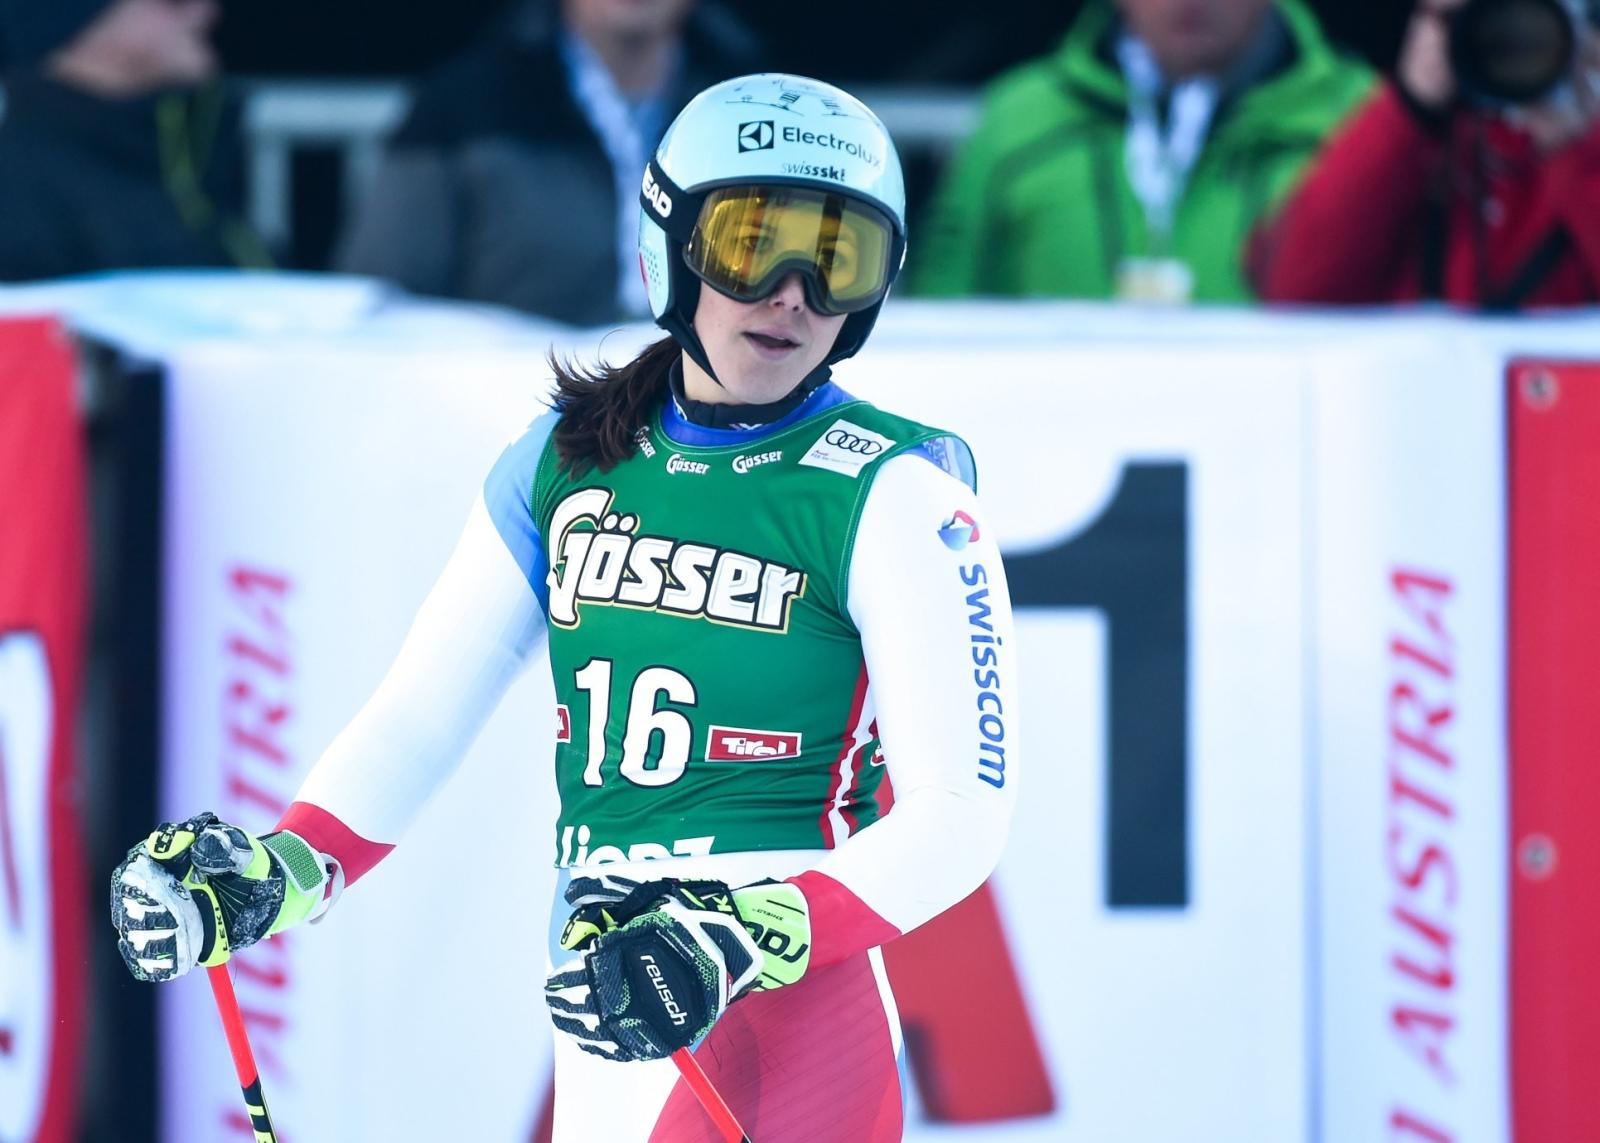 Mistrzostwa w narciarskim slalomie kobiet, Lienz, Austria